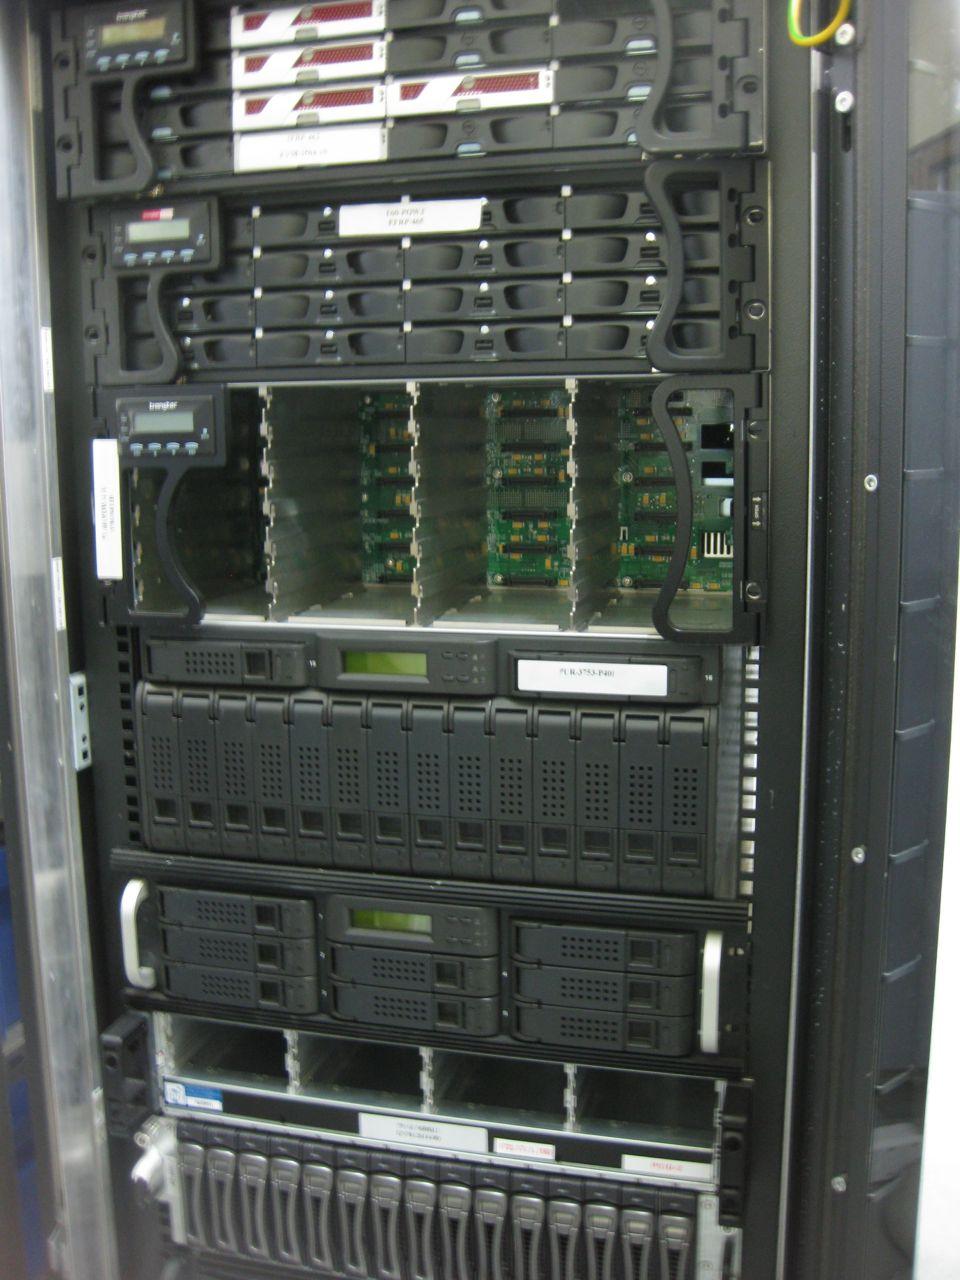 Storage Netzteil Reparatur Engel Informationstechnik